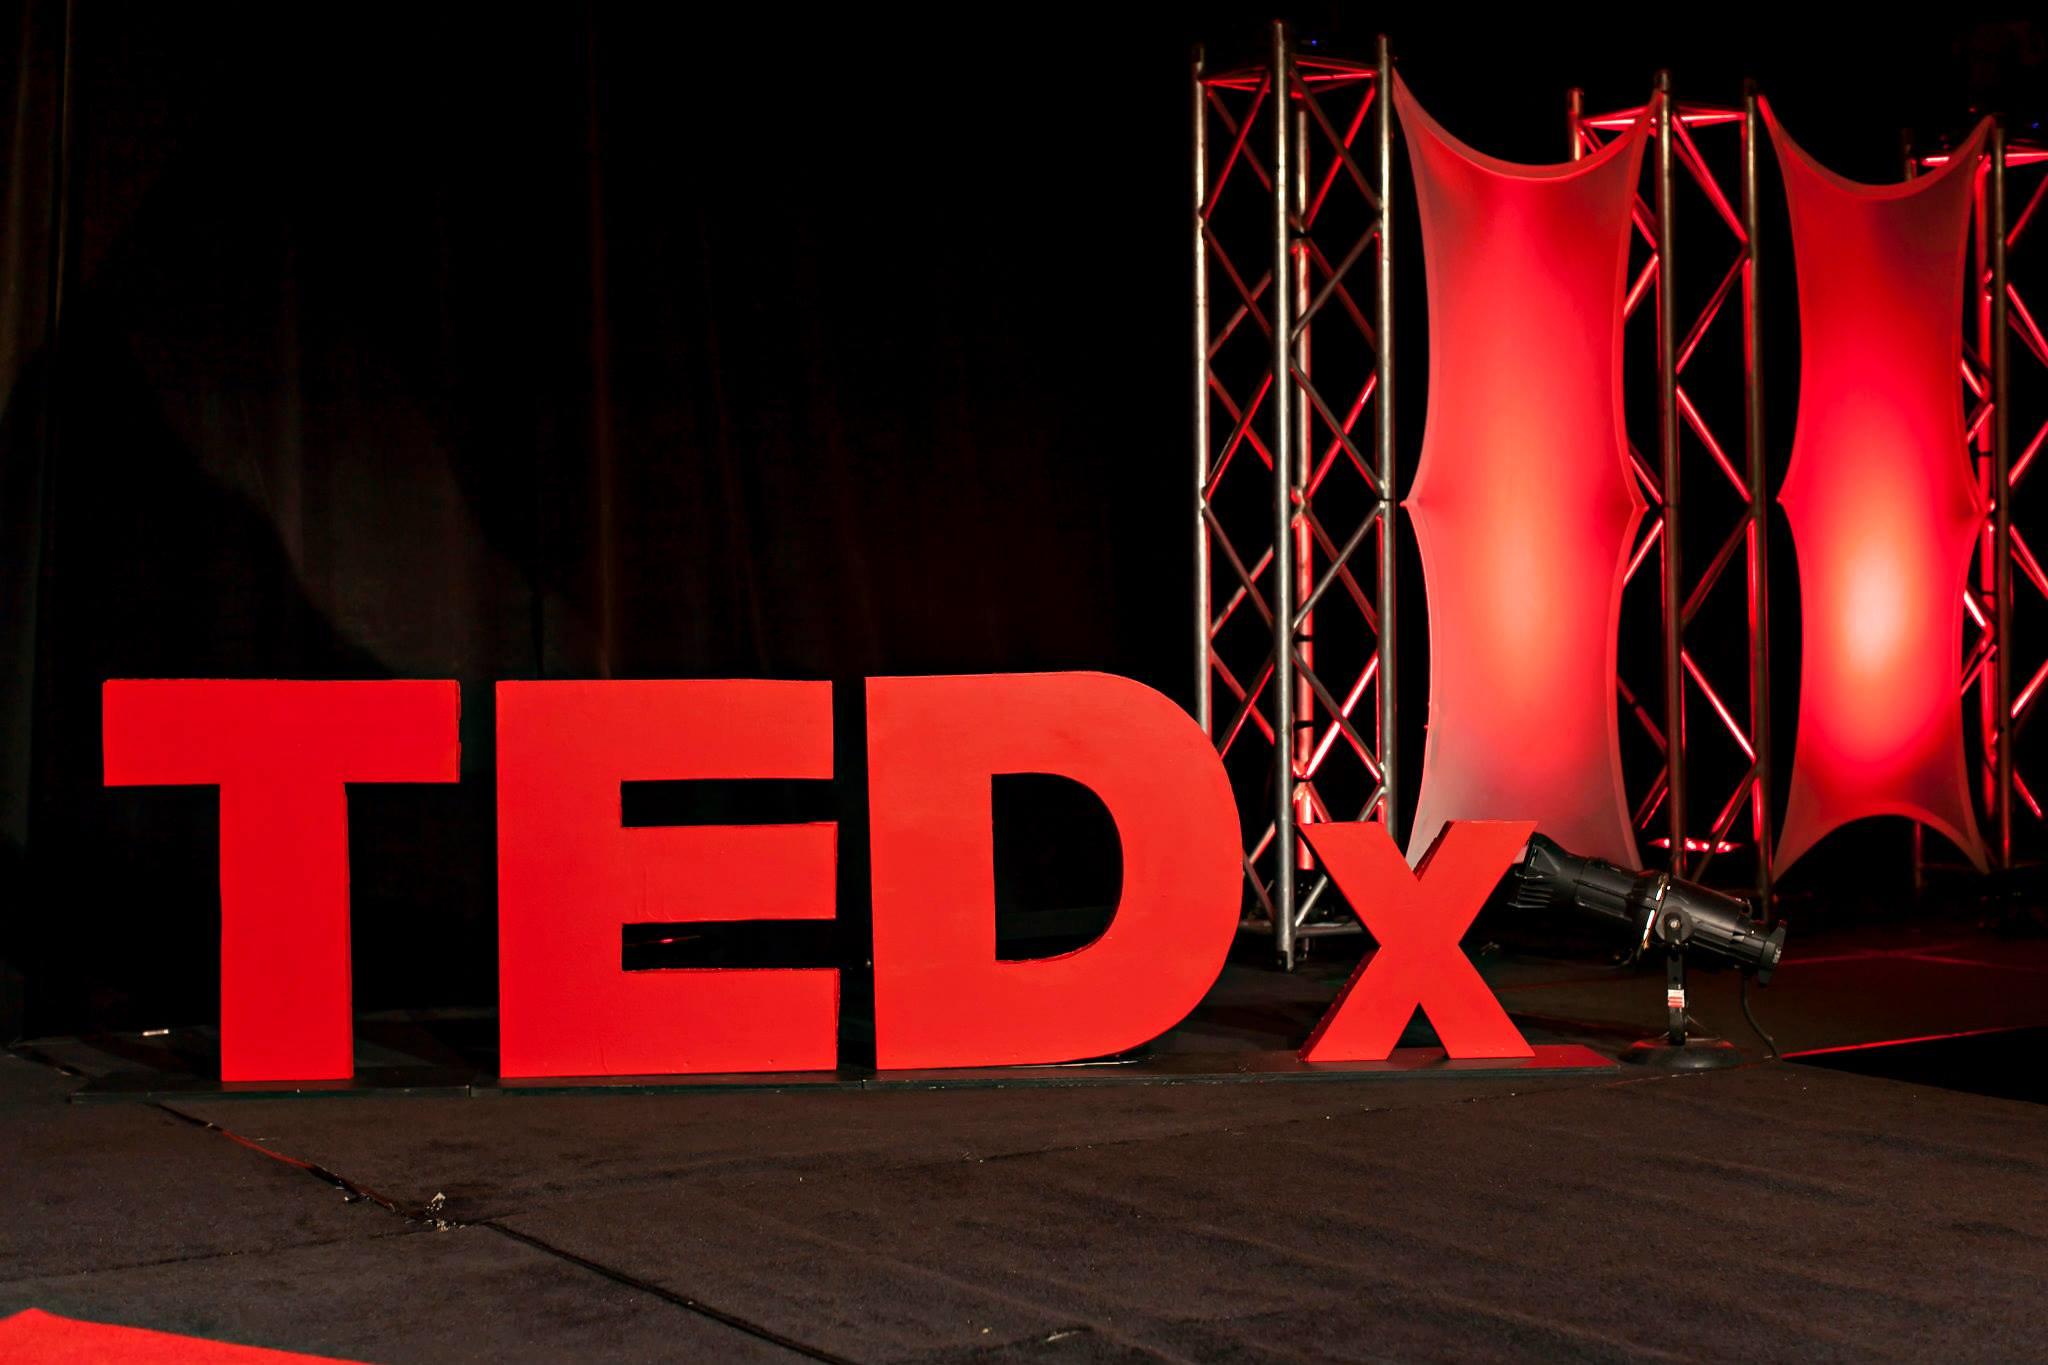 My TEDx journey